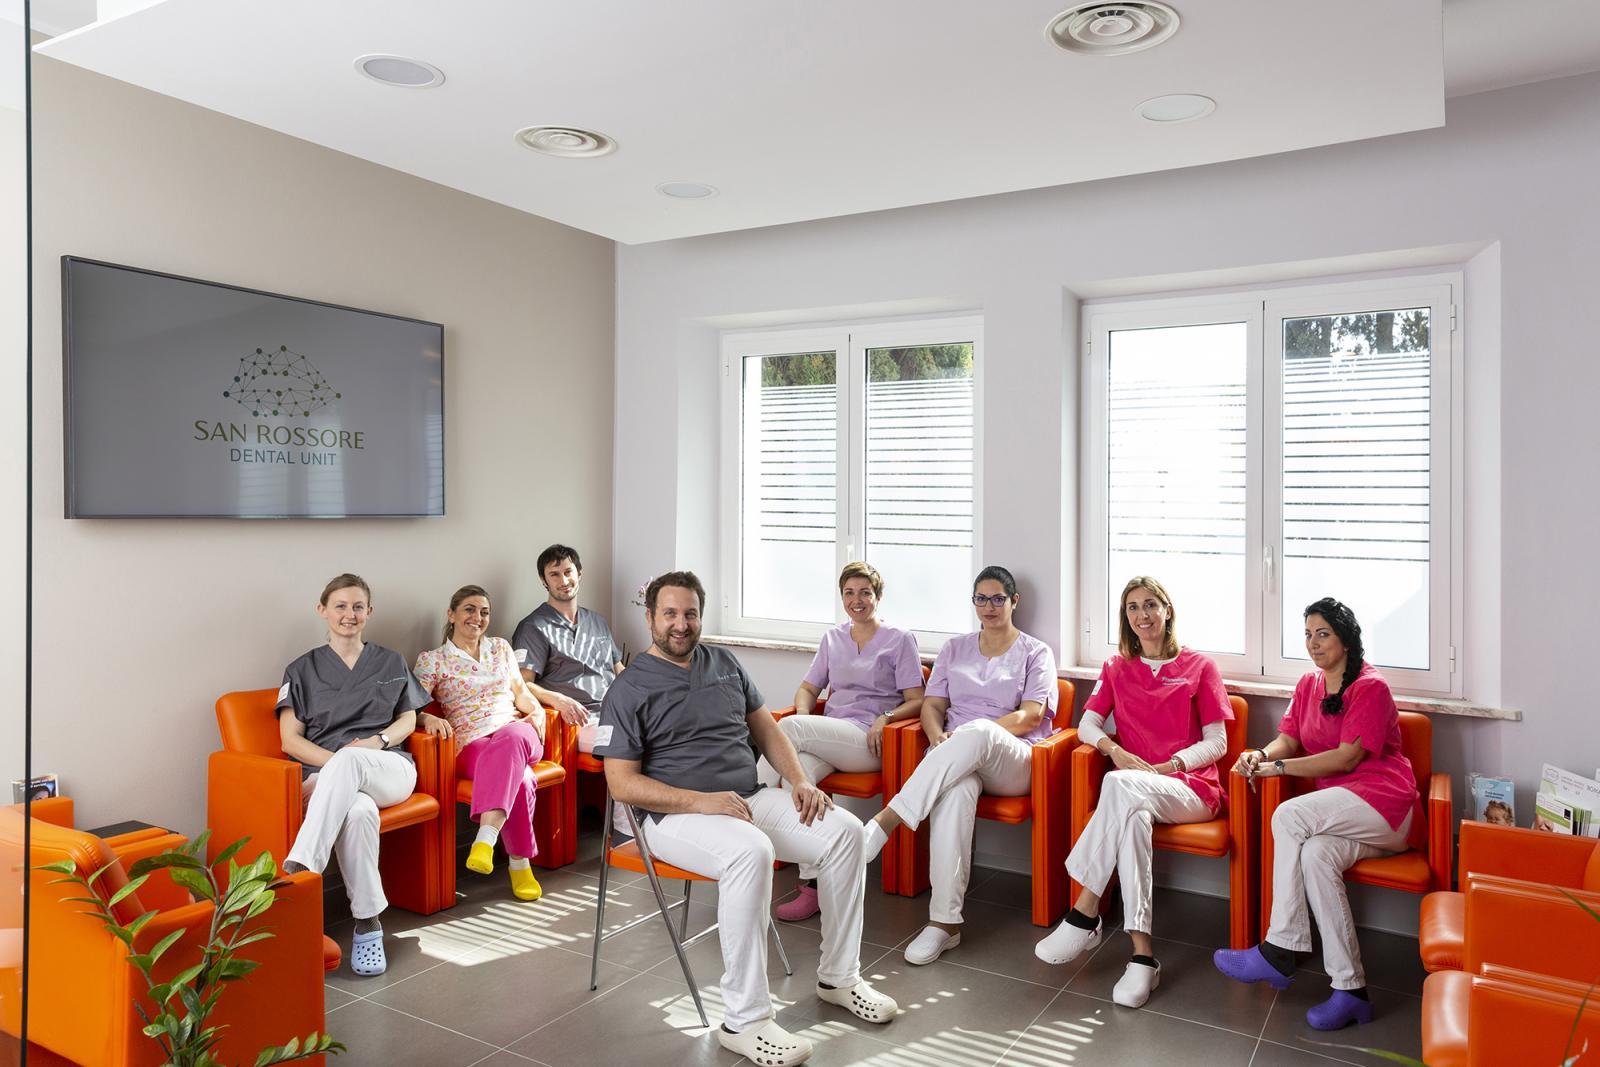 La squadra della San Rossore Dental Unit con il dott. Giovanni Menchini Fabris